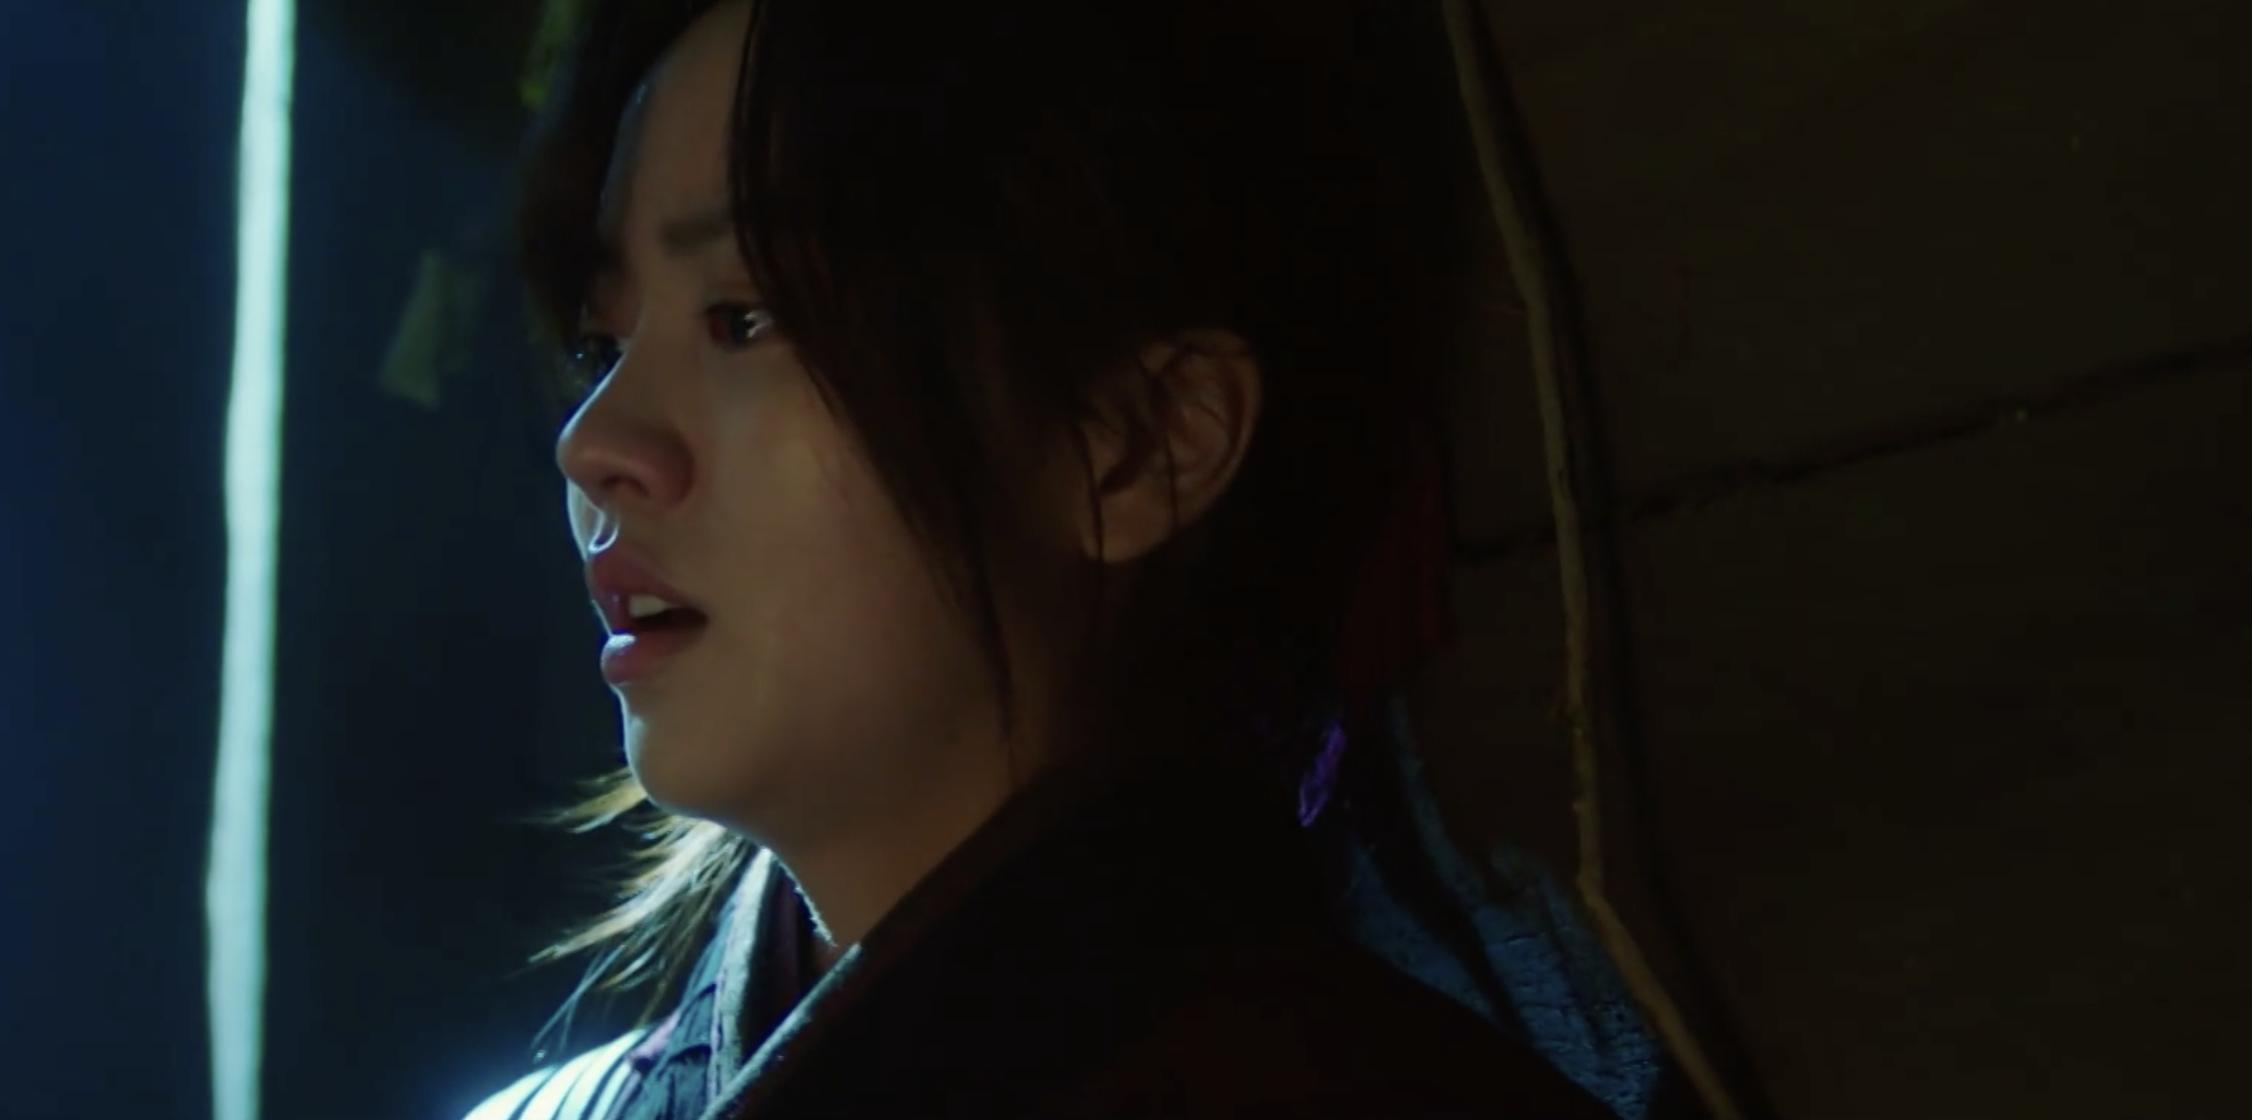 Vừa mới dẫn Kim So Hyun về ra mắt, Ji Soo phát hiện crush là kẻ gián tiếp giết cha ở Sông Đón Trăng Lên? - Ảnh 2.